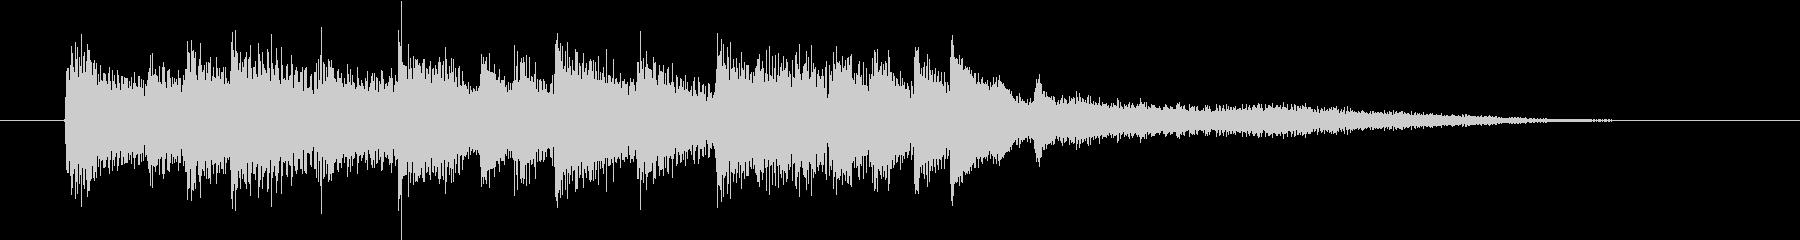 一息ついたときに流れるピアノのジングルの未再生の波形